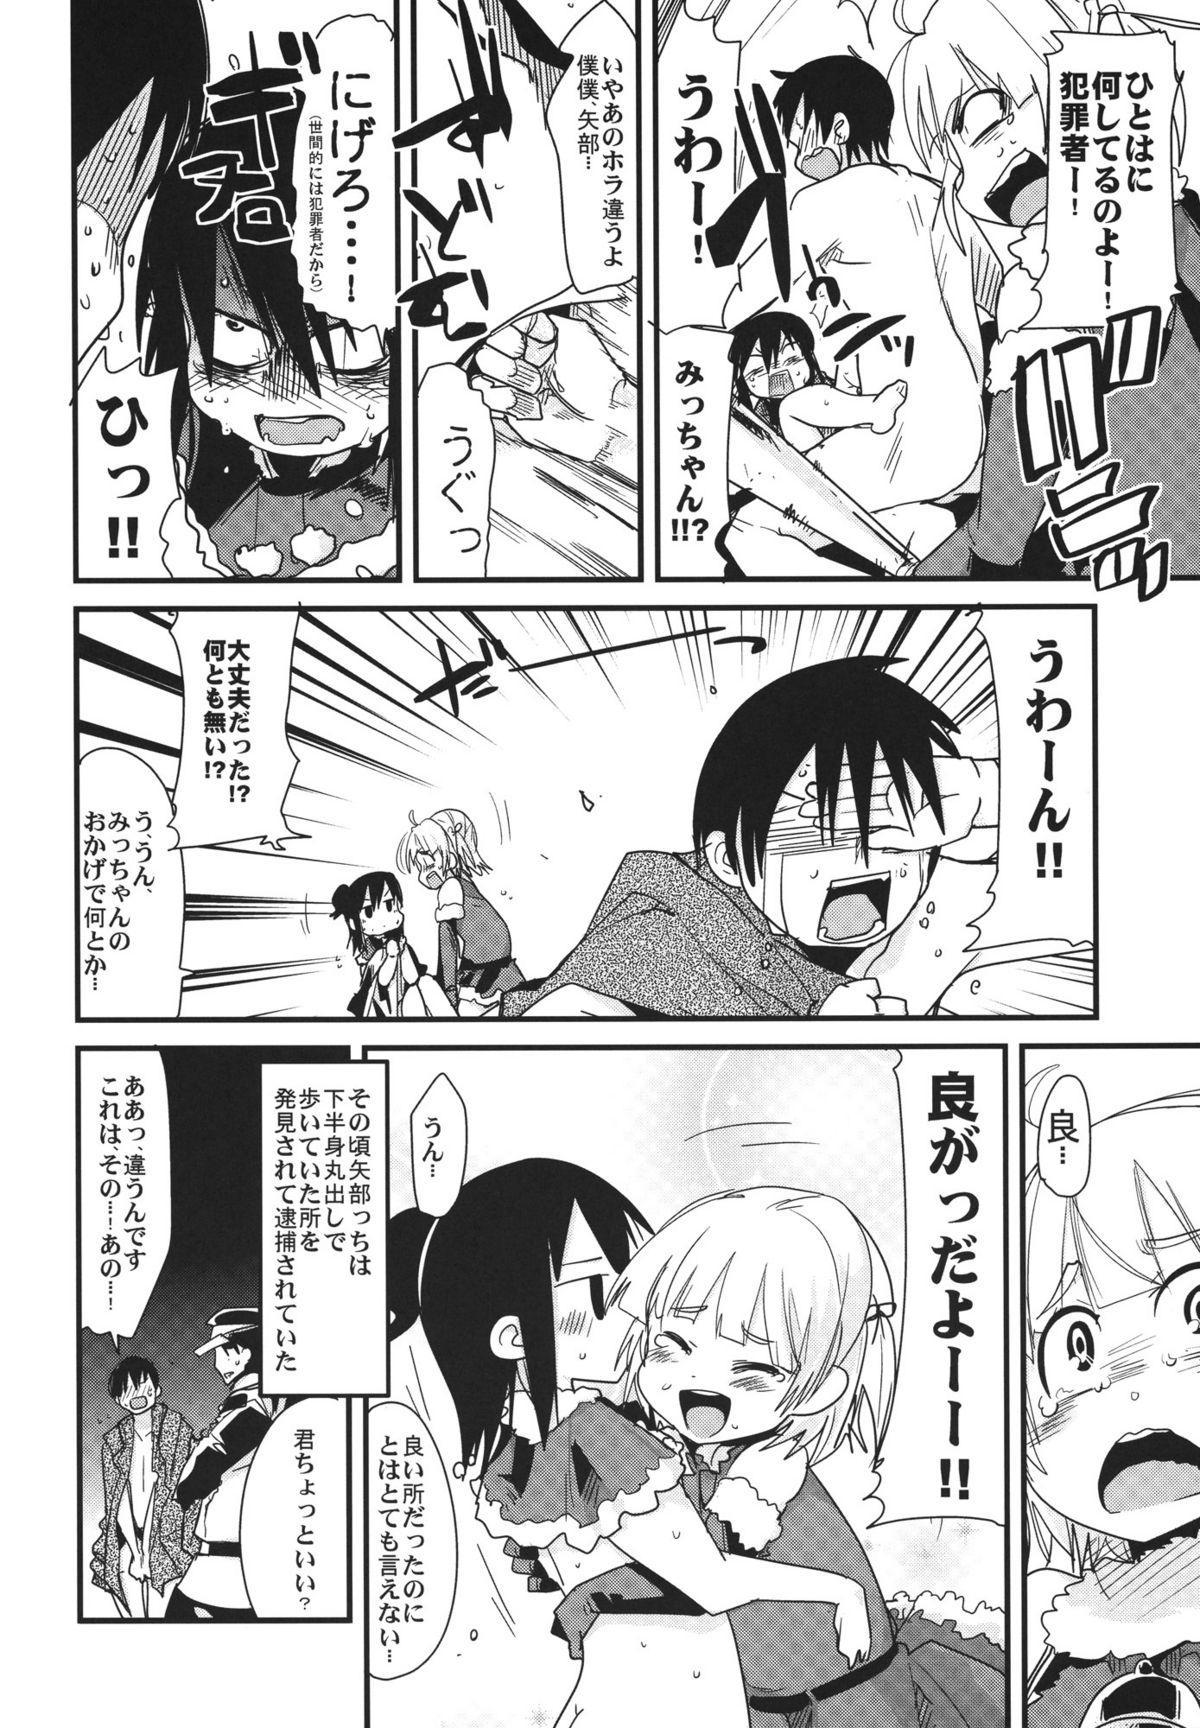 Sanjo-san san Nanabyoushi 14